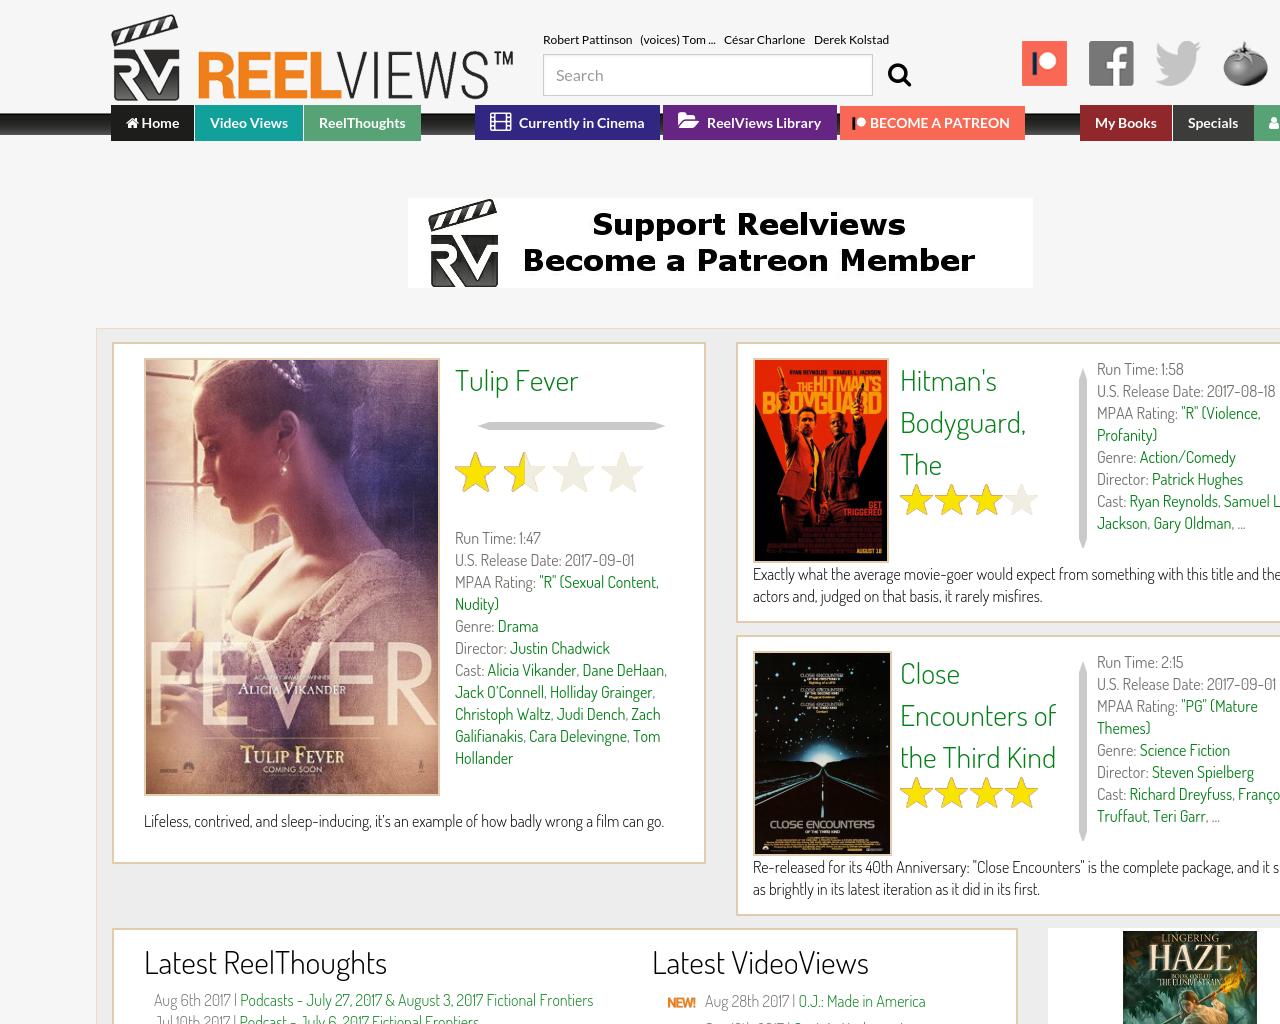 Reelviews-Advertising-Reviews-Pricing